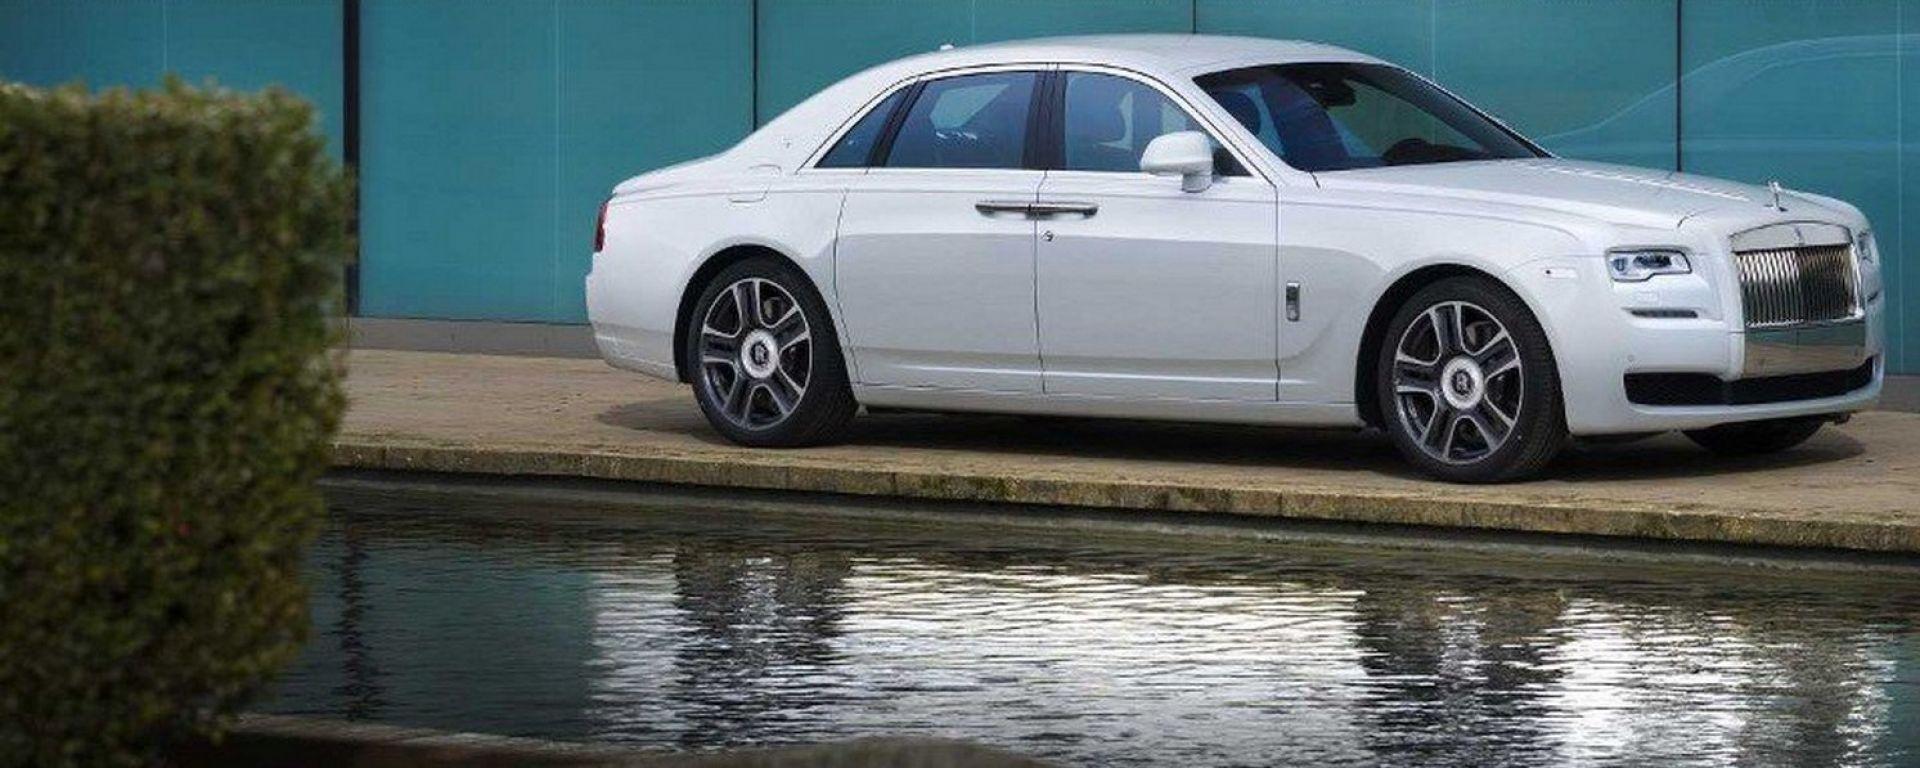 Rolls-Royce Ghost, problemini al circuito idraulico...